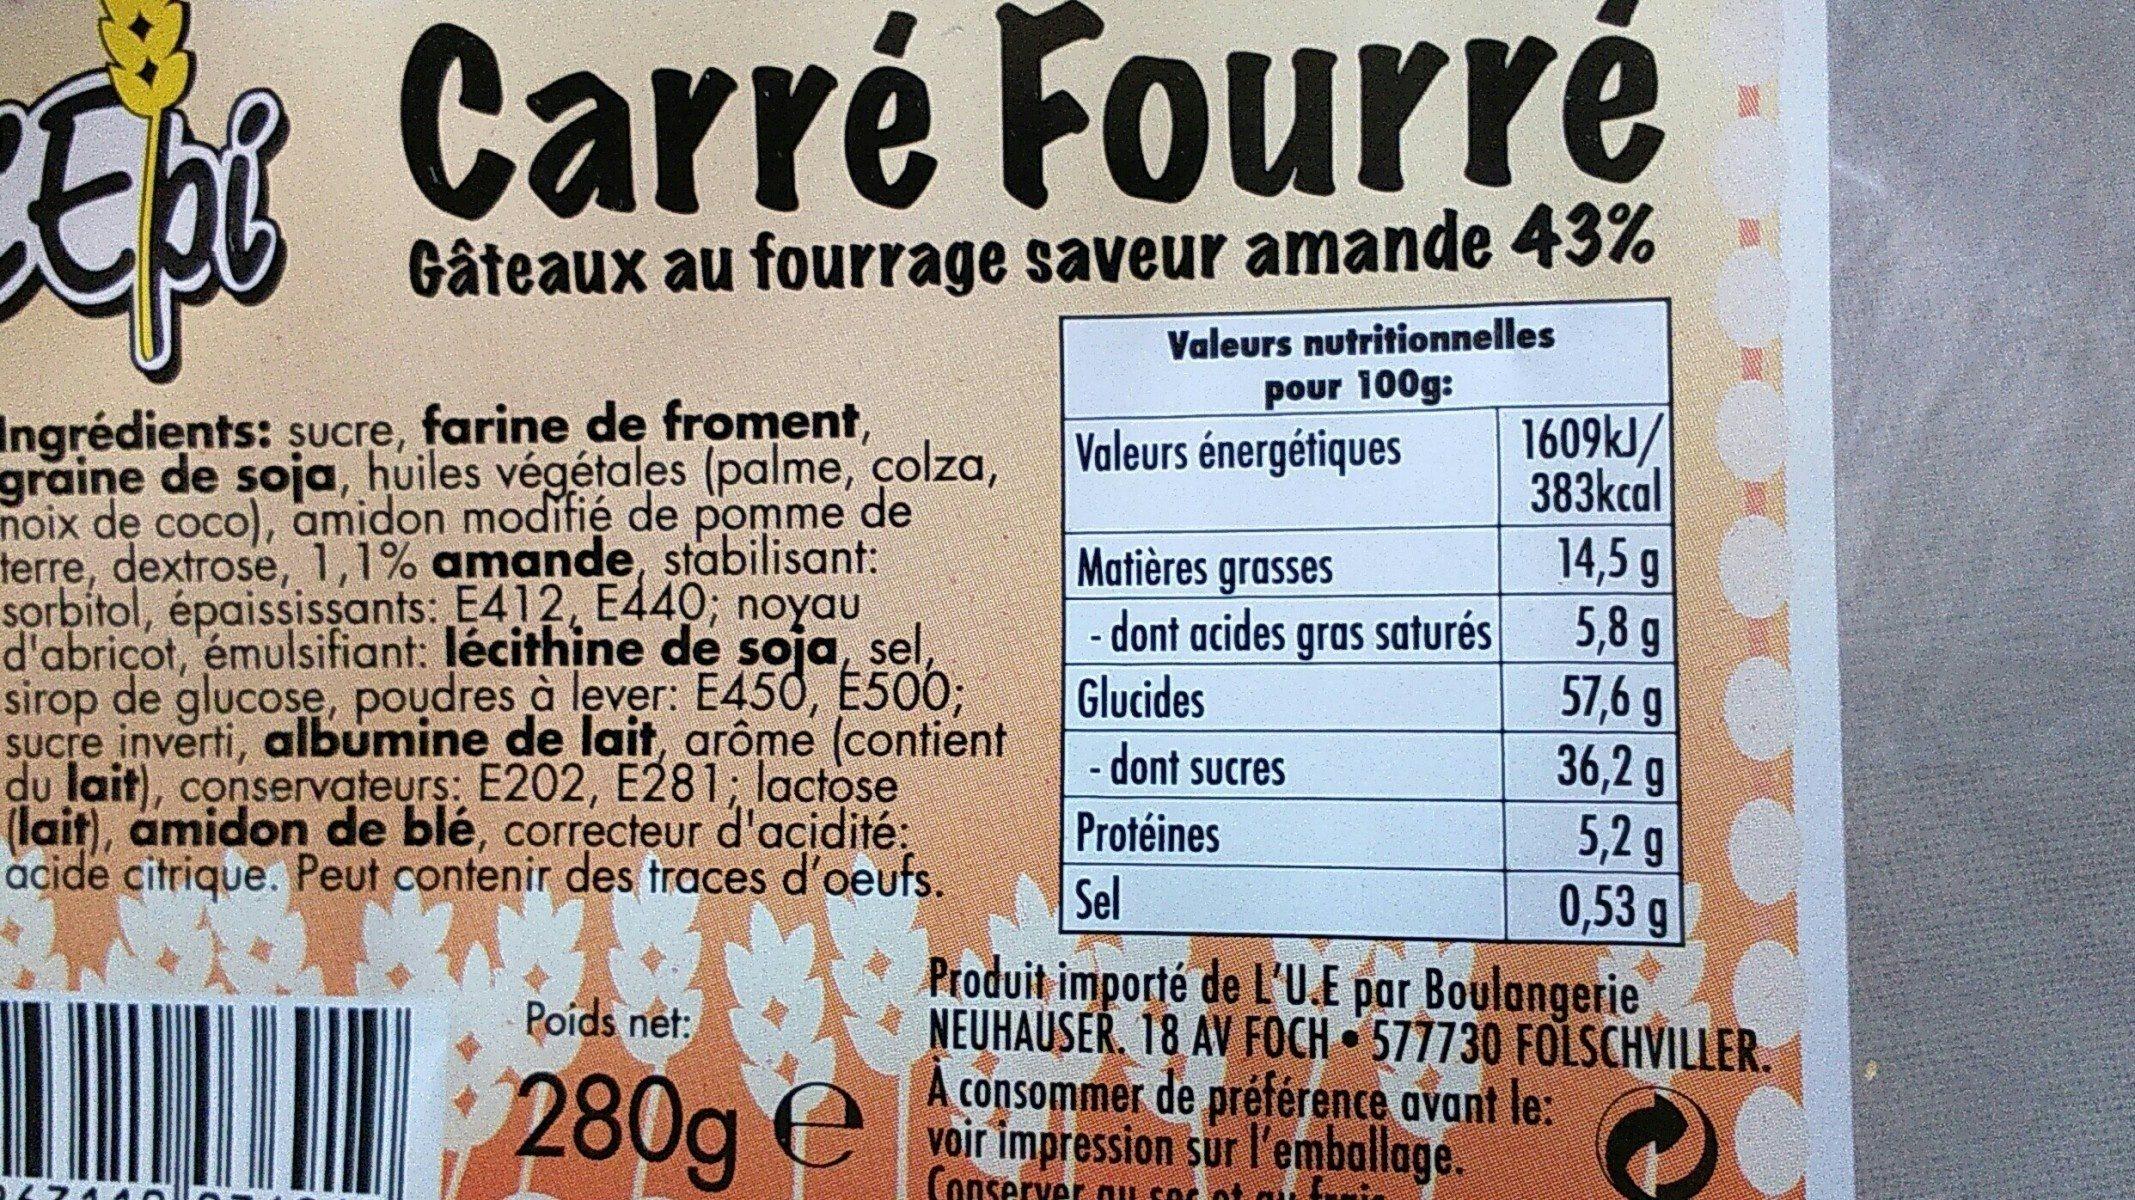 Gâteau carré fourré - Ingrediënten